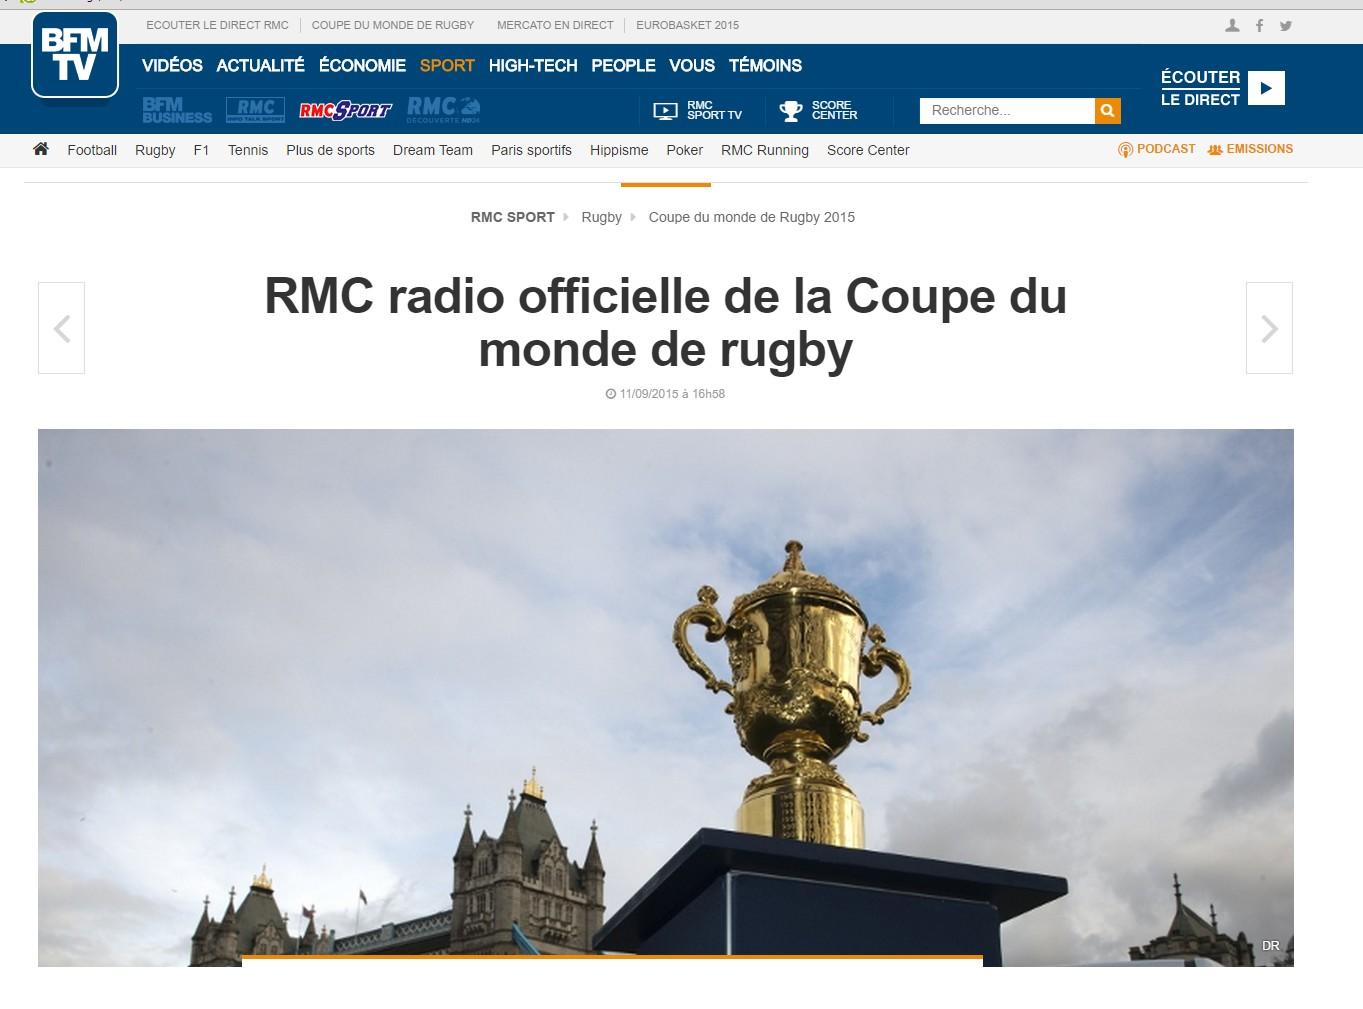 La maison du faucon c 39 est qui la radio officielle de la - Qui a gagner la coupe du monde de rugby 2015 ...